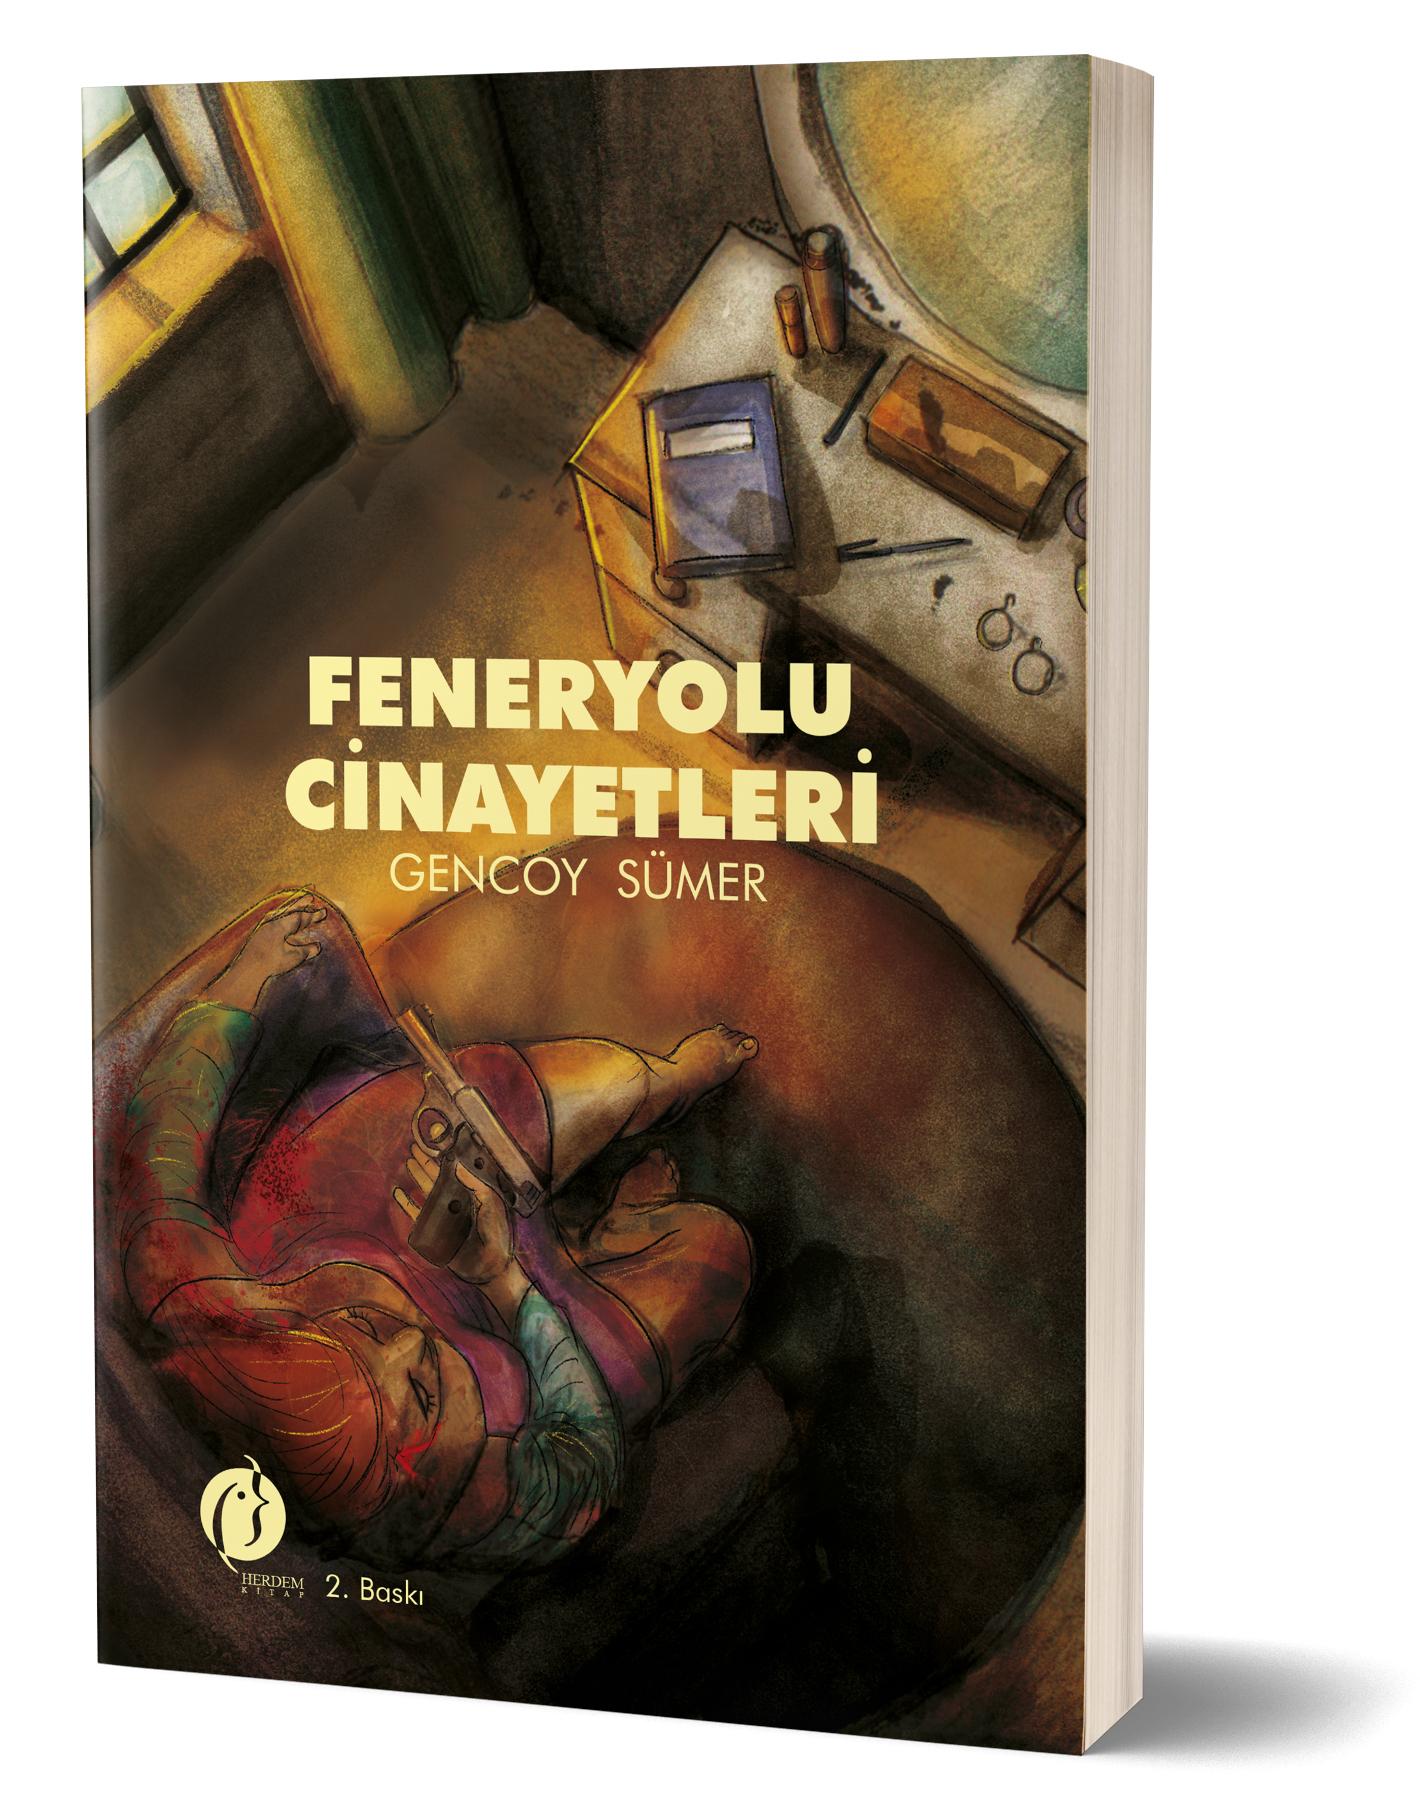 POLİSİYE KİTAP: FENERYOLU CİNAYETLERİ 5